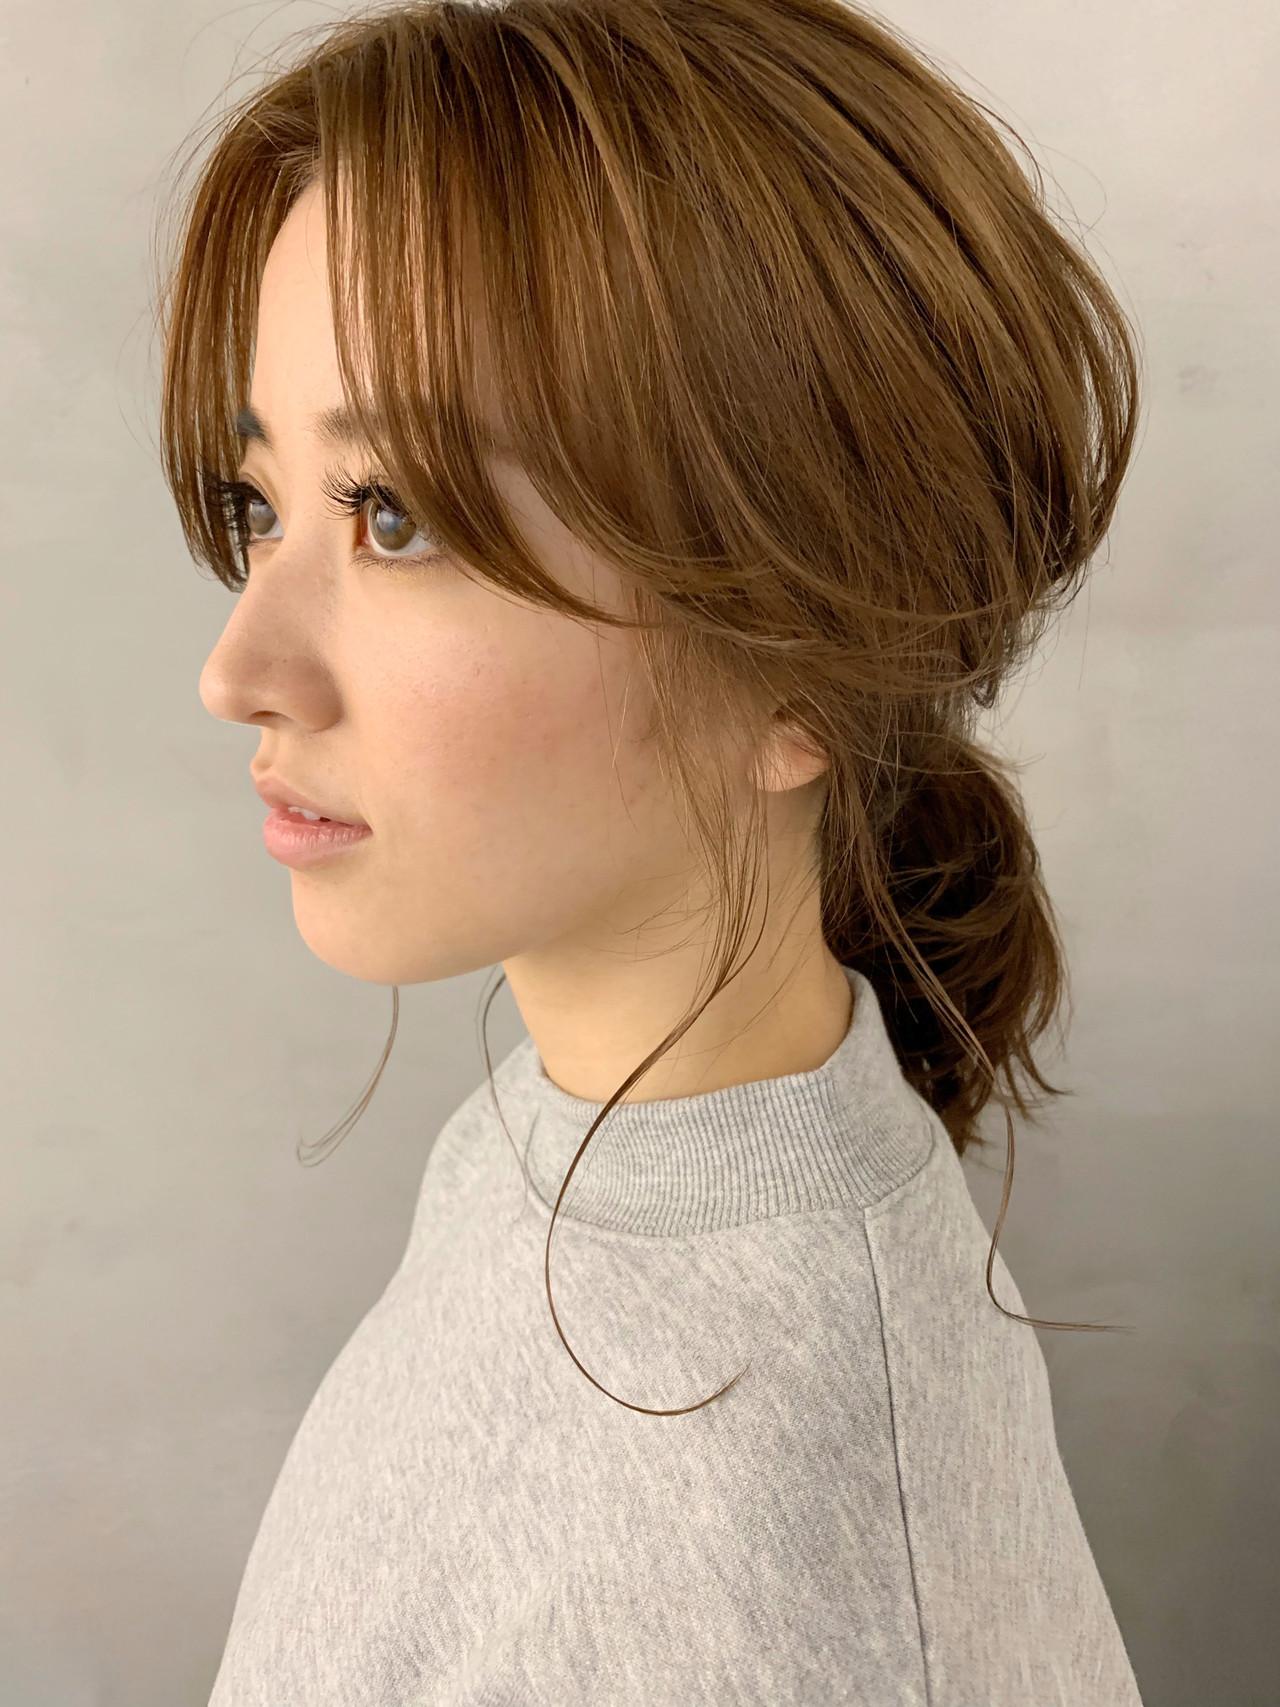 ポニーテール センター分け ヘアアレンジ 簡単ヘアアレンジ ヘアスタイルや髪型の写真・画像